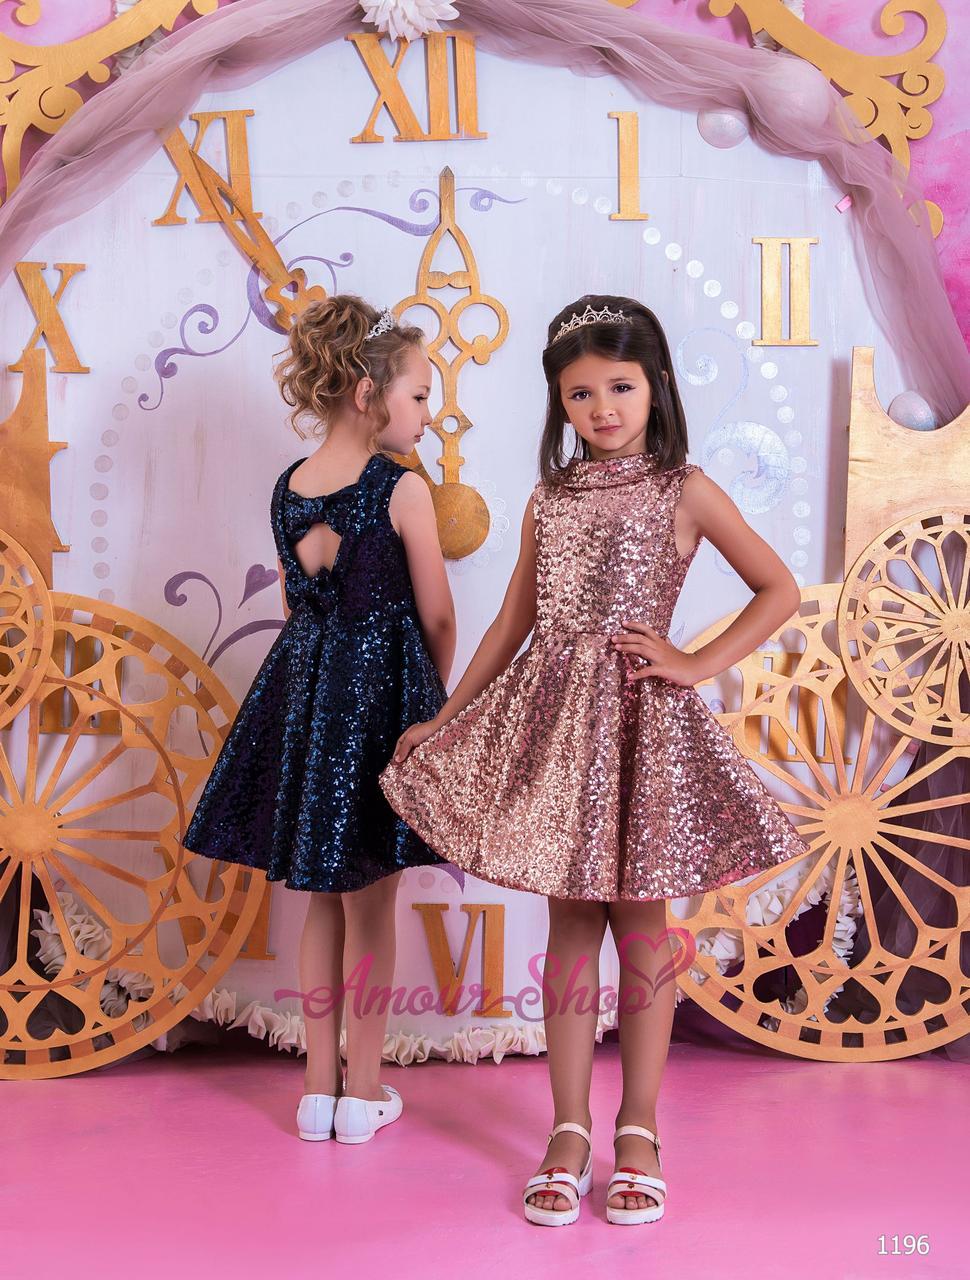 Детское нарядное платье на девочку короткое в пайетках (выпускной, в садик, 4 класс),  1196